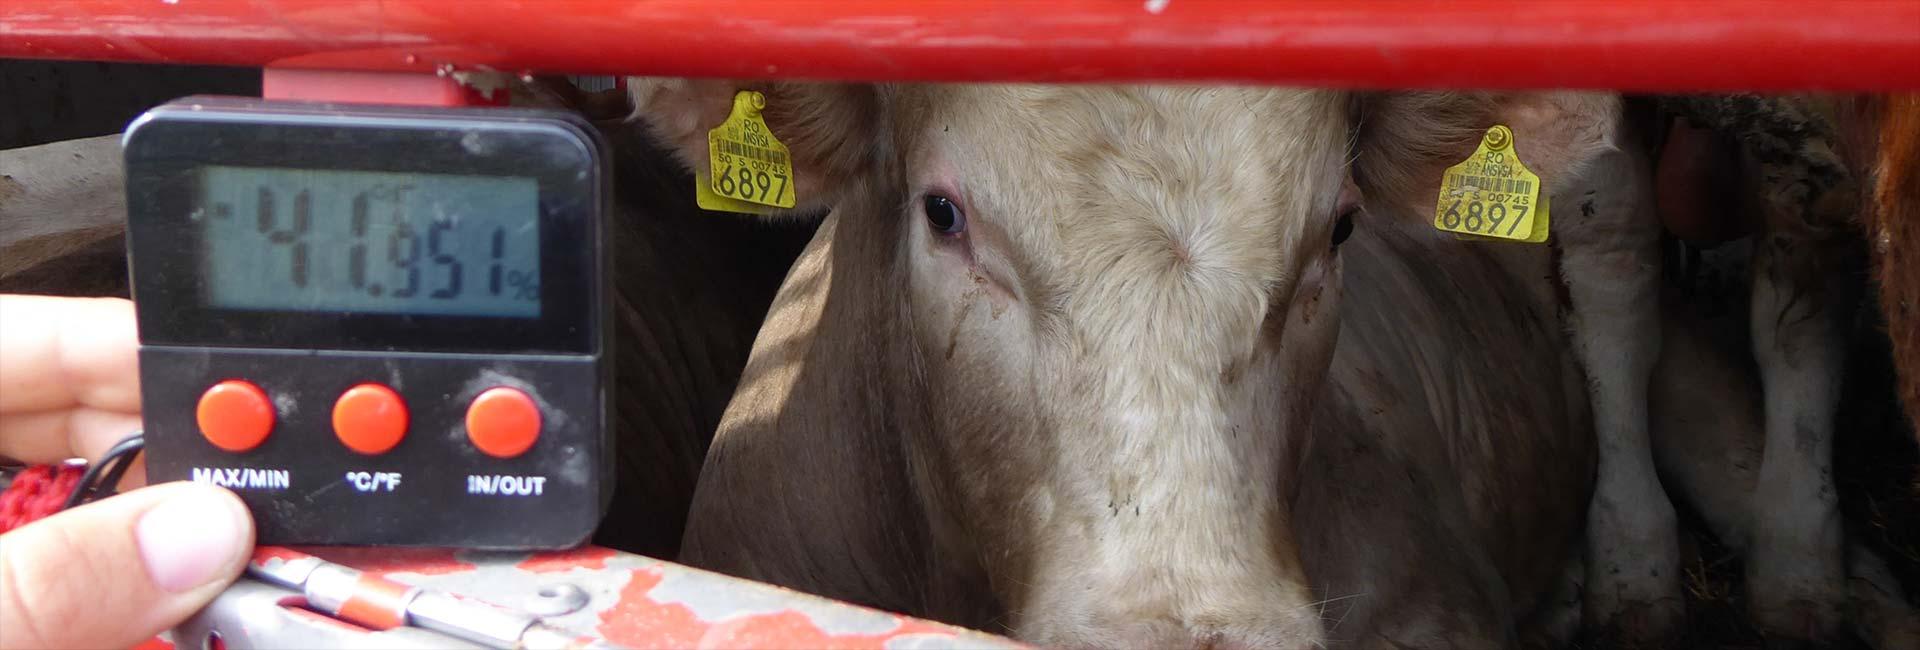 Tiertransport im Sommer bei mehr als 40 °C im Innenraum